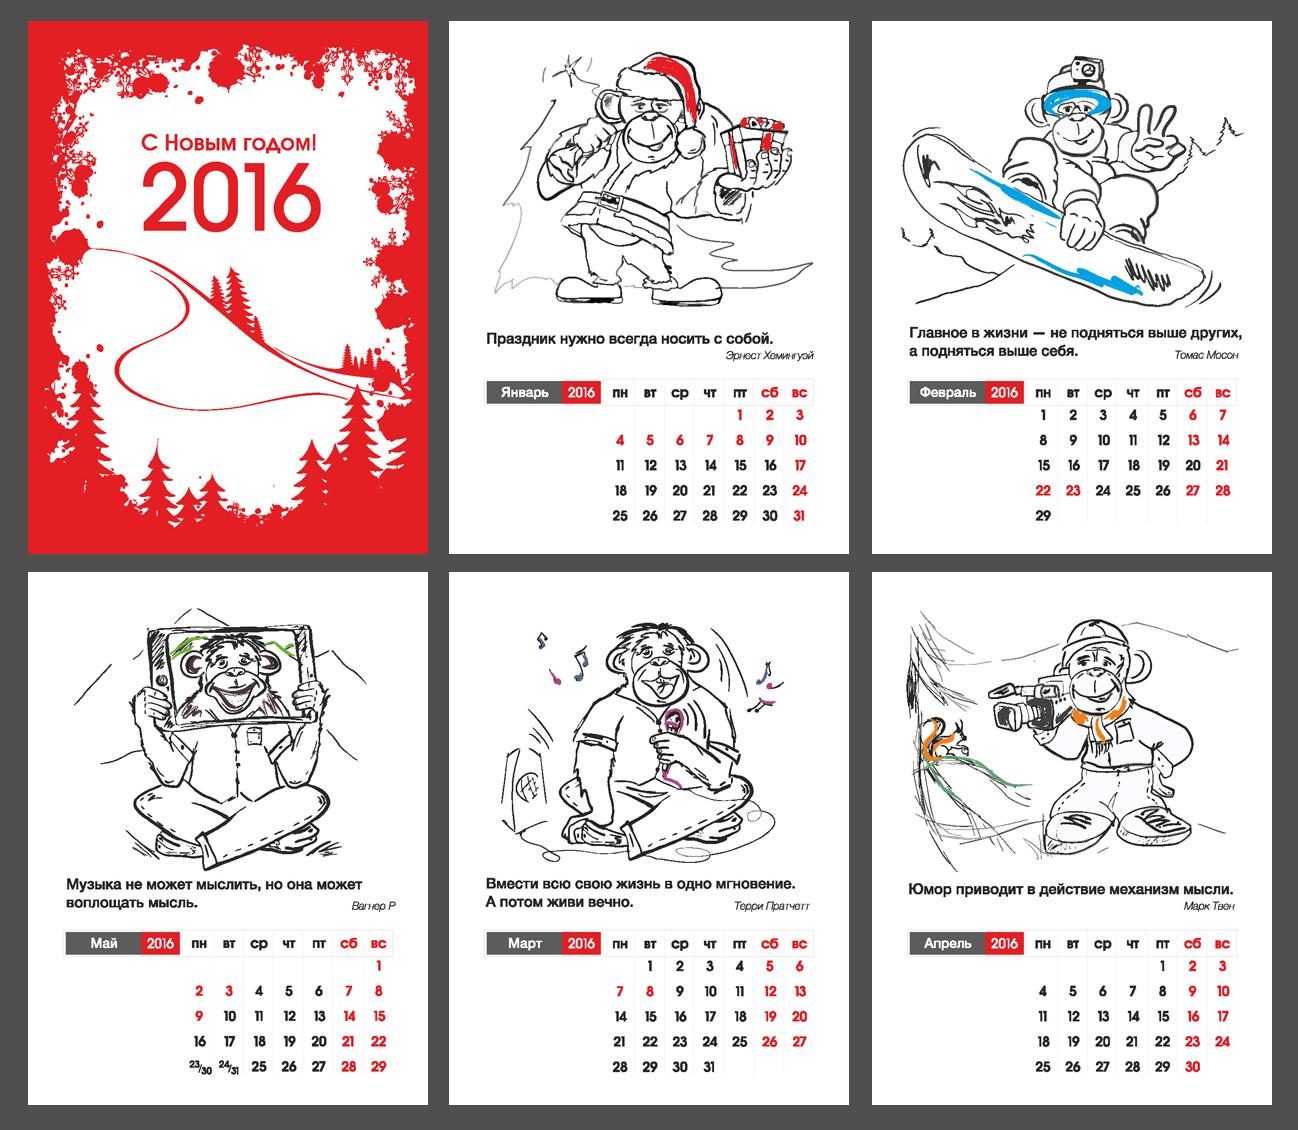 Календарь настольный_2016 (с рисованной графикой)